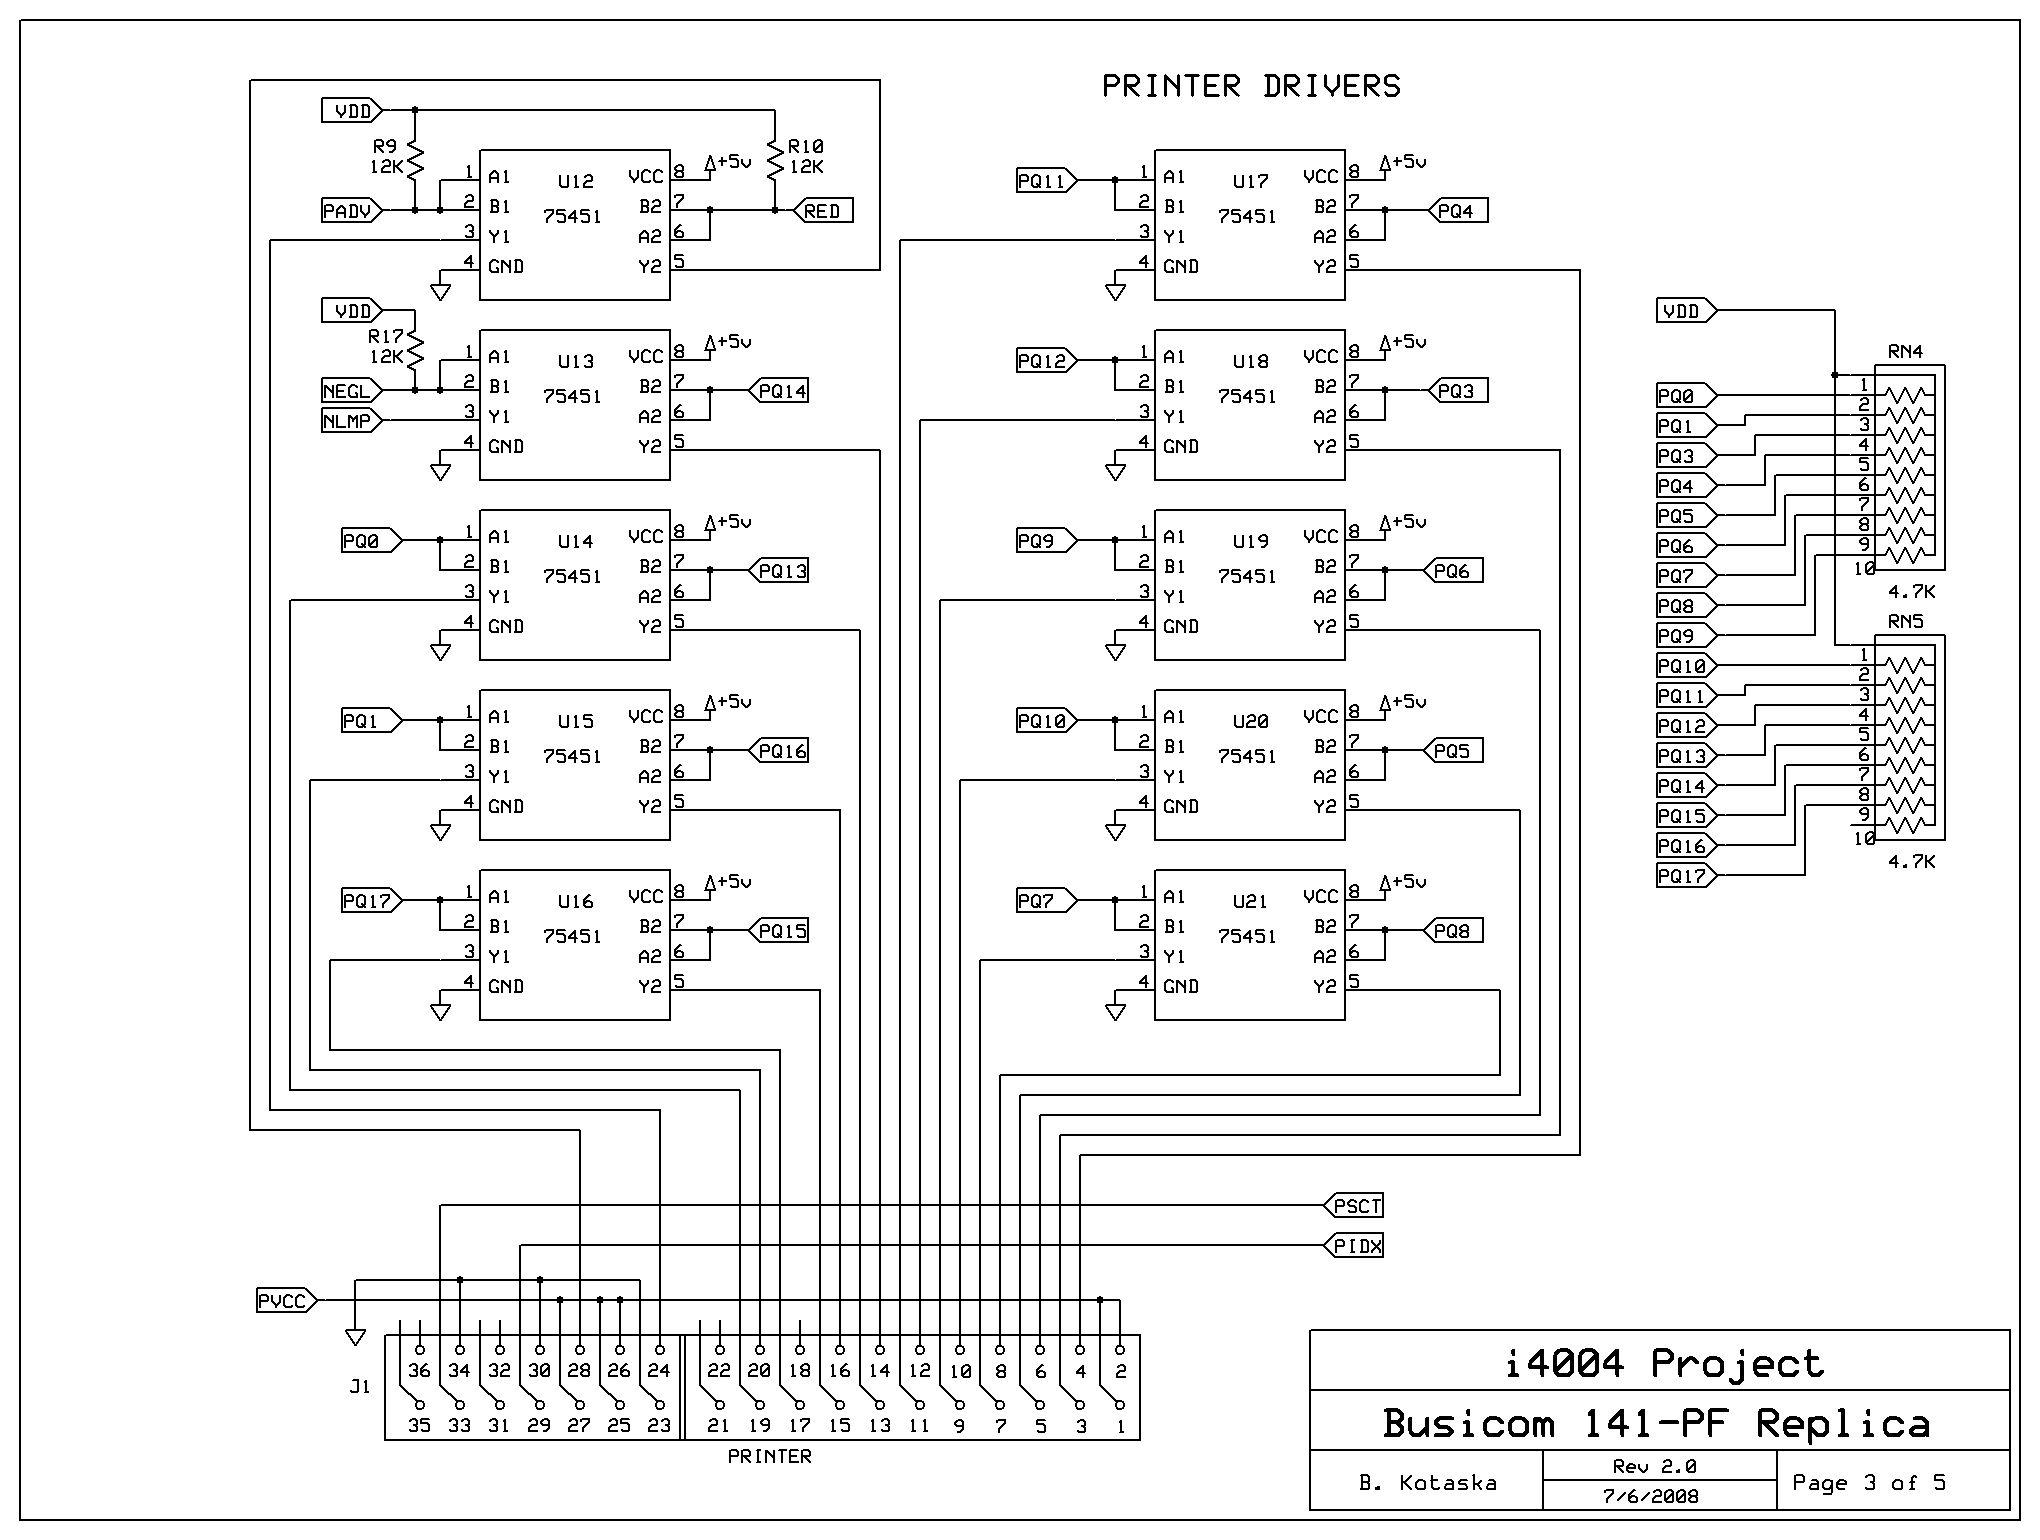 Busicom 141-PF Replica schematics, Model-102 printer emulator